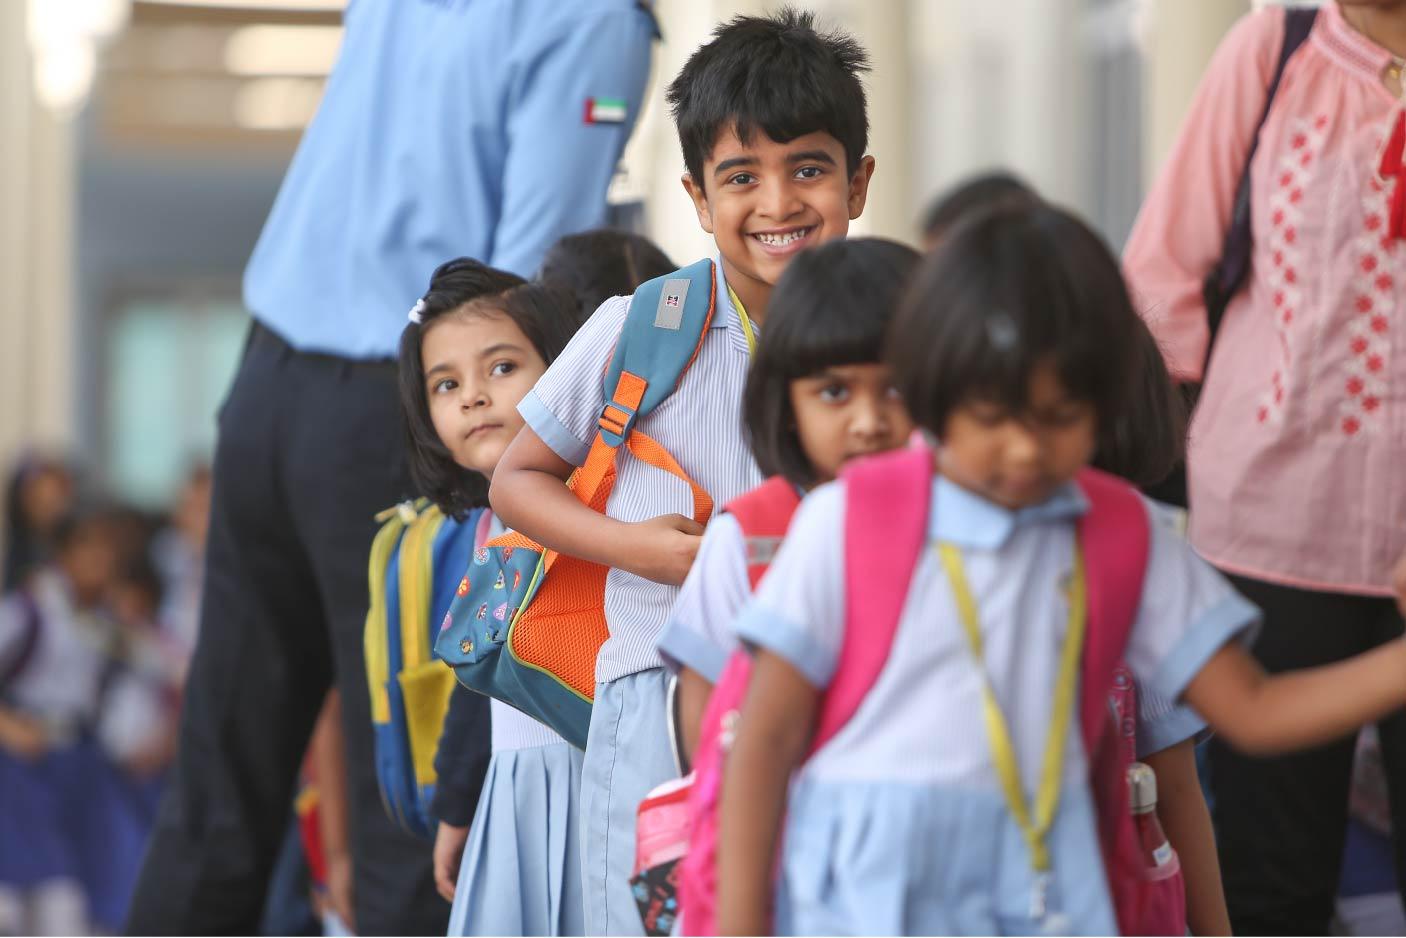 GIIS Abu Dhabi Student Life